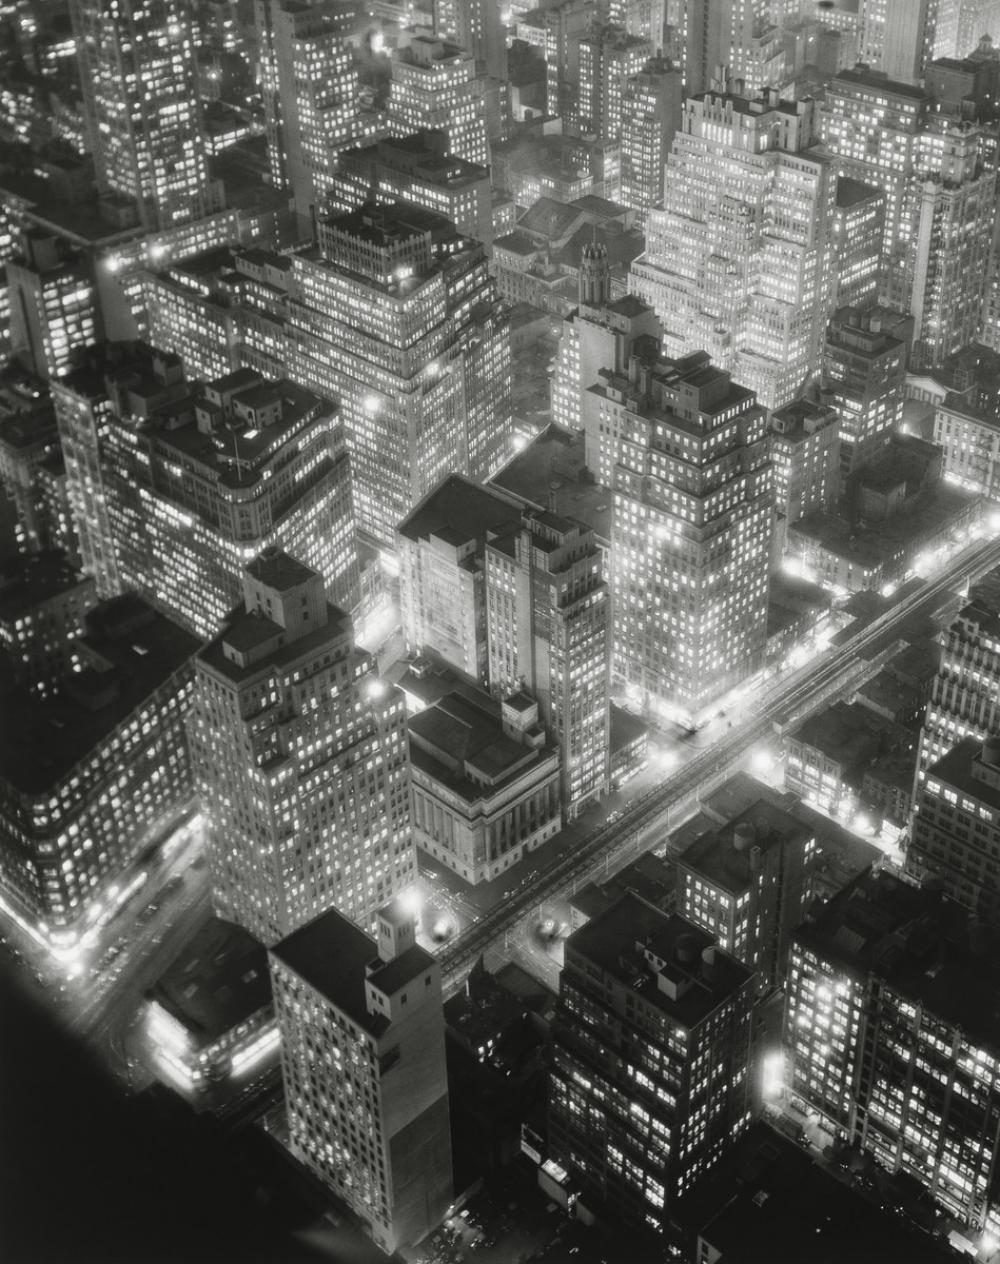 Berenice Abbott, Retrospective: Night View, New York